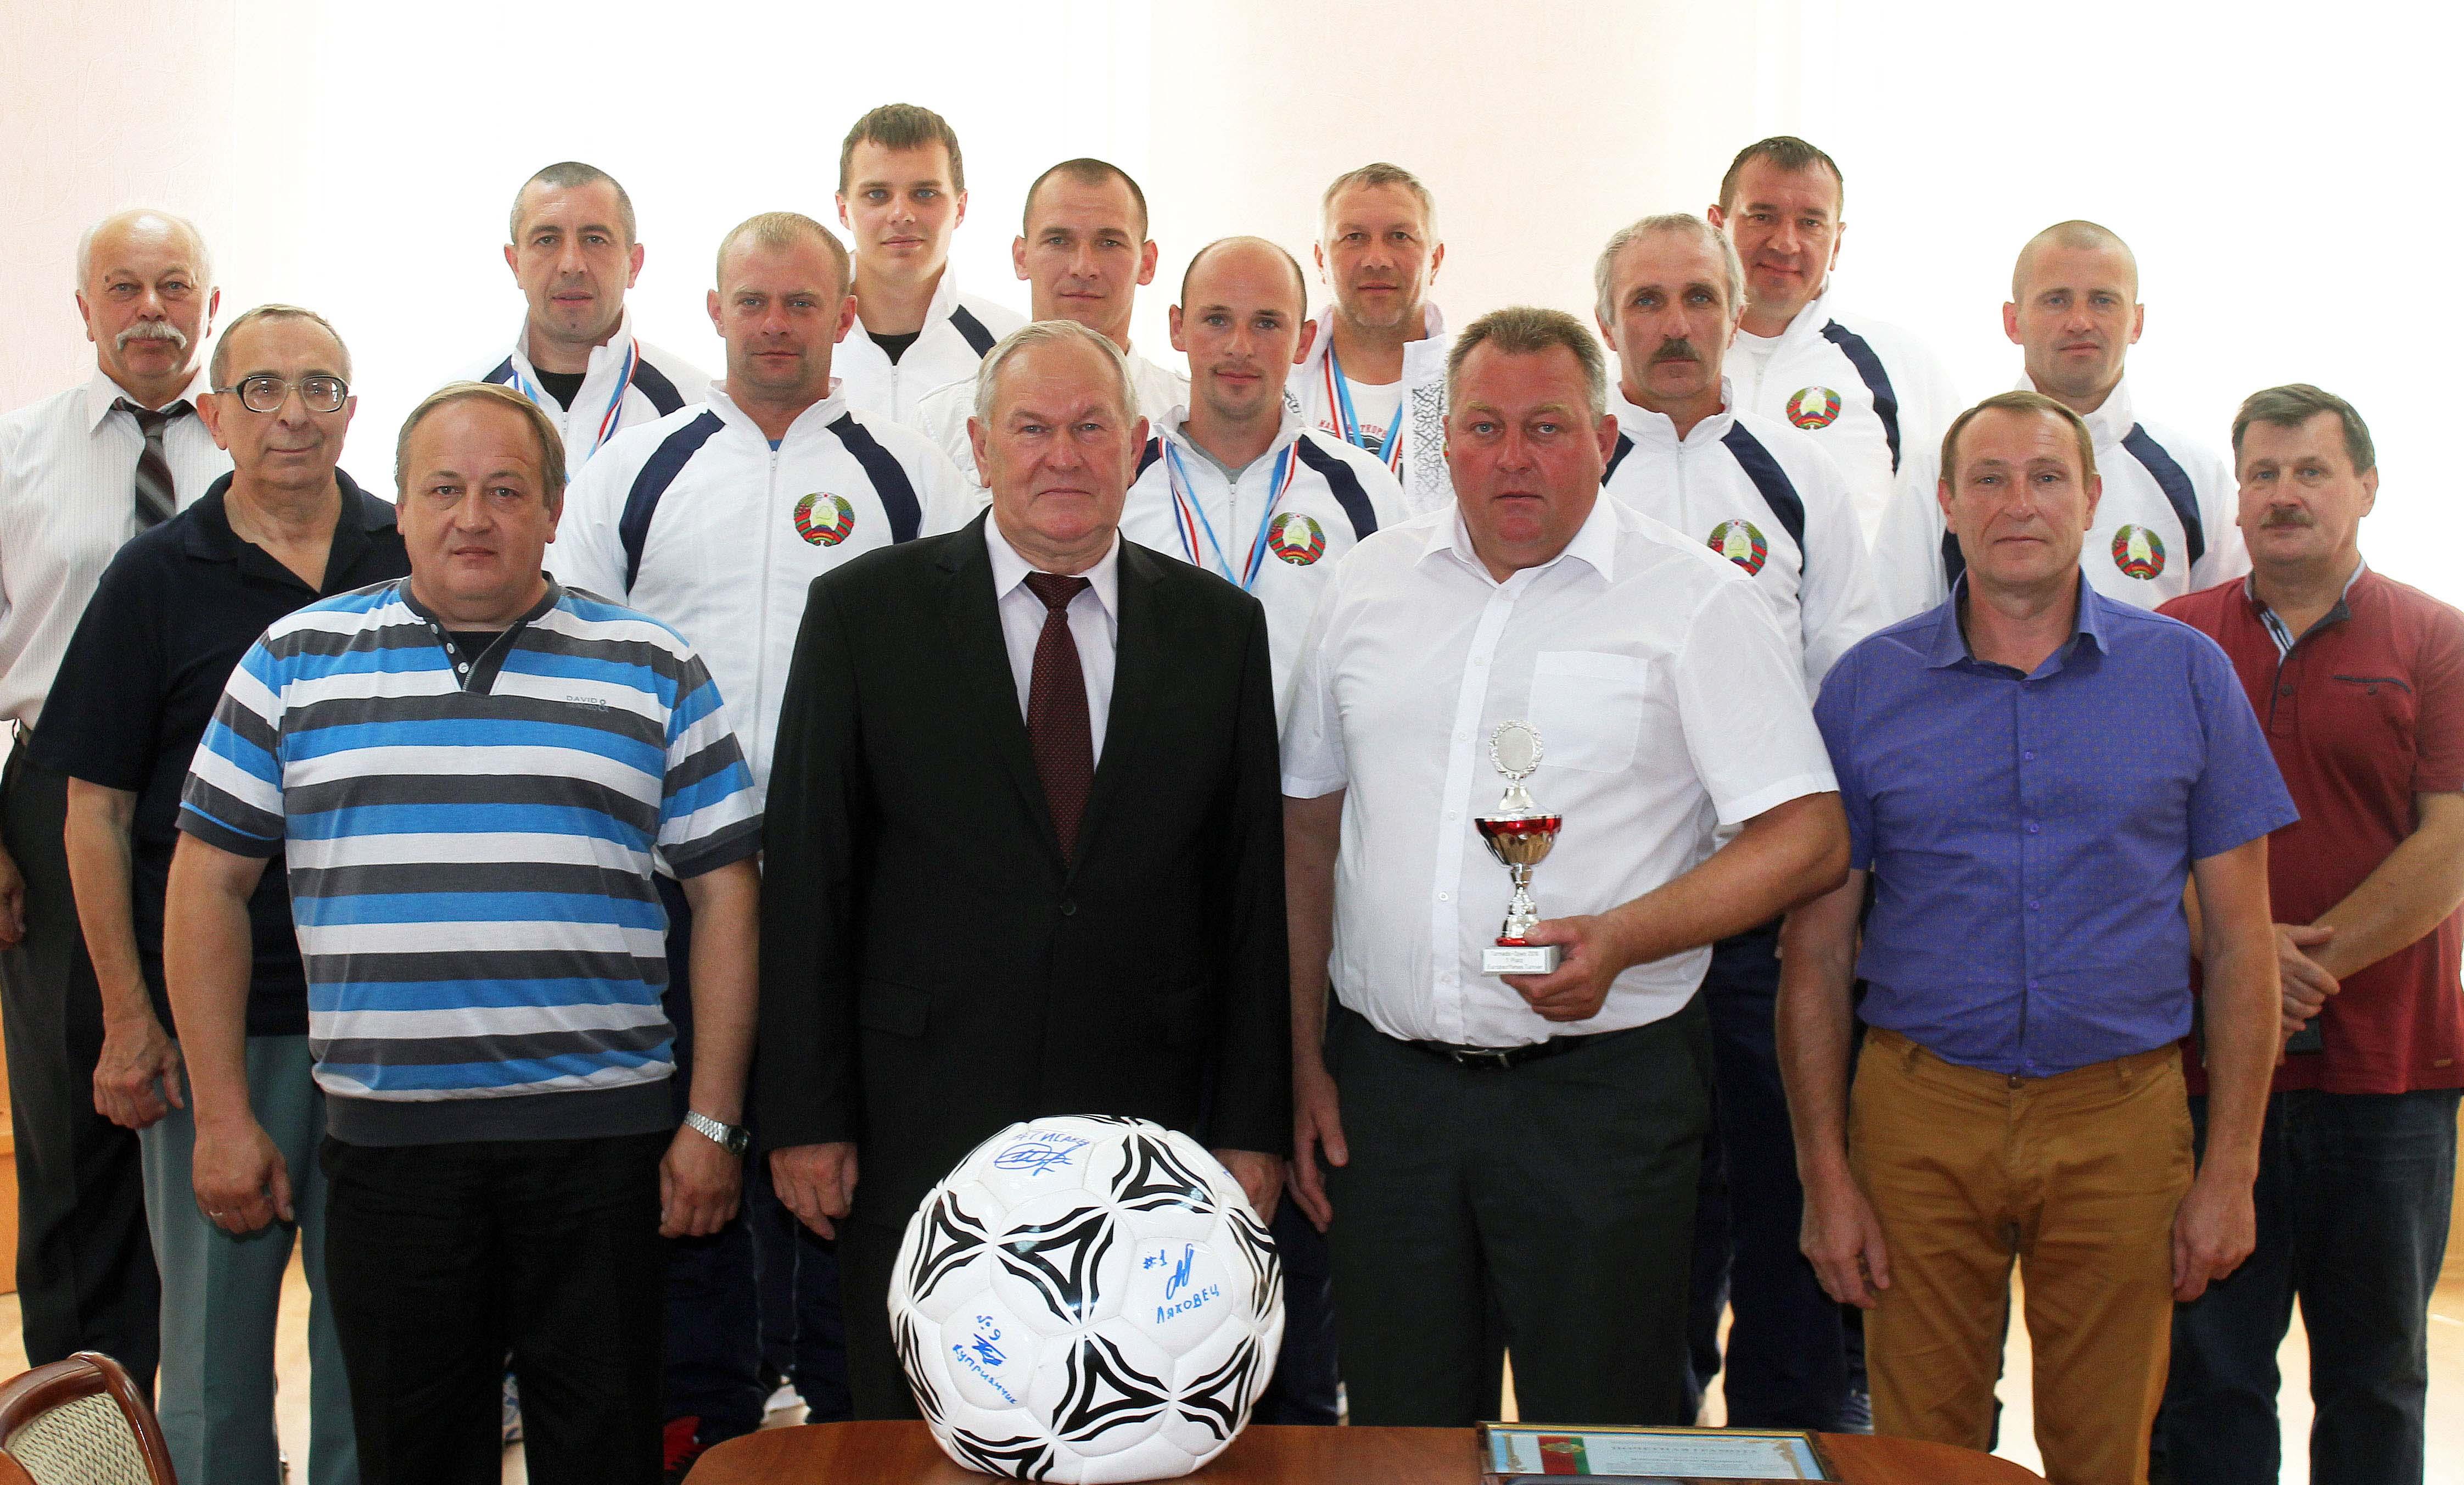 Иван Дырман (в первом ряду второй слева) сфотографировался на память с игроками и тренерами национальной сборной Республики Беларусь по мотоболу и другими членами белорусской делегации